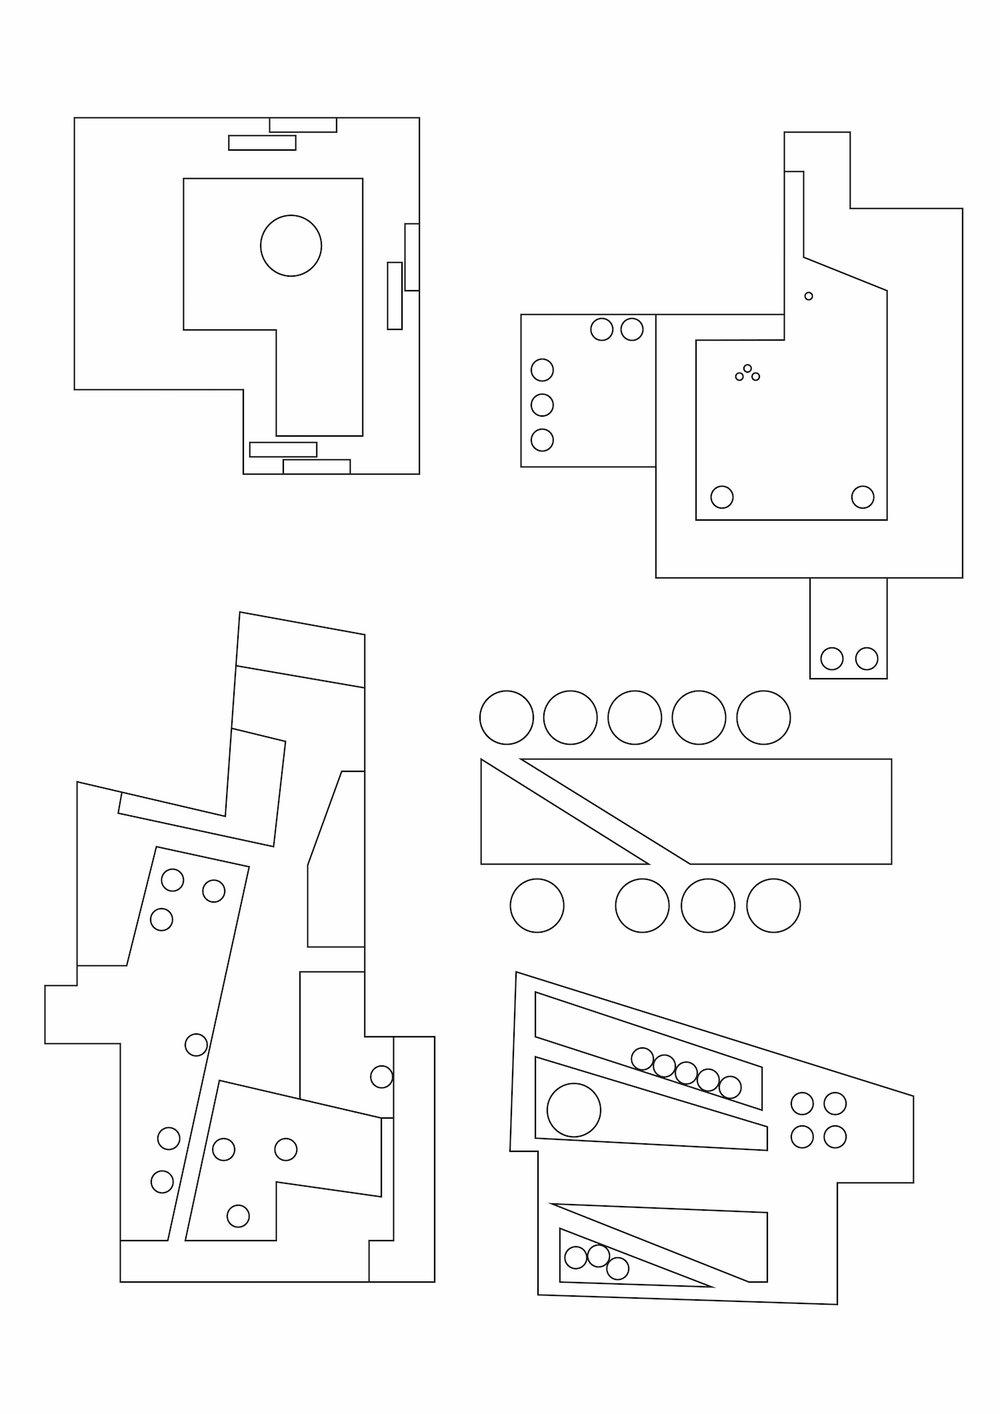 57_Zeichenfläche 1.jpg